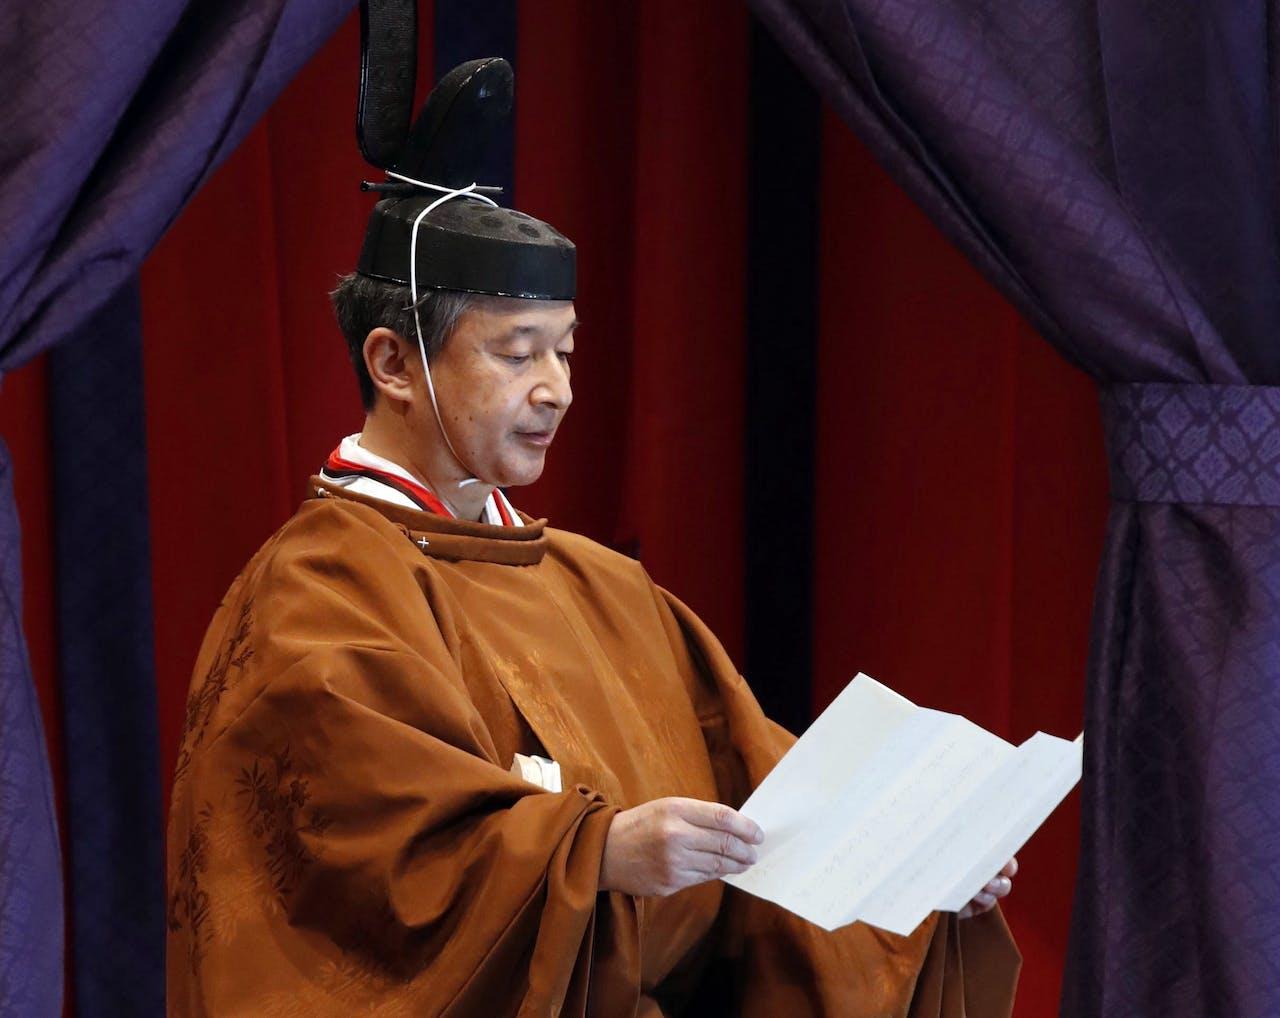 De Japanse keizer Naruhito houdt een speech in het keizerlijk paleis in Tokio